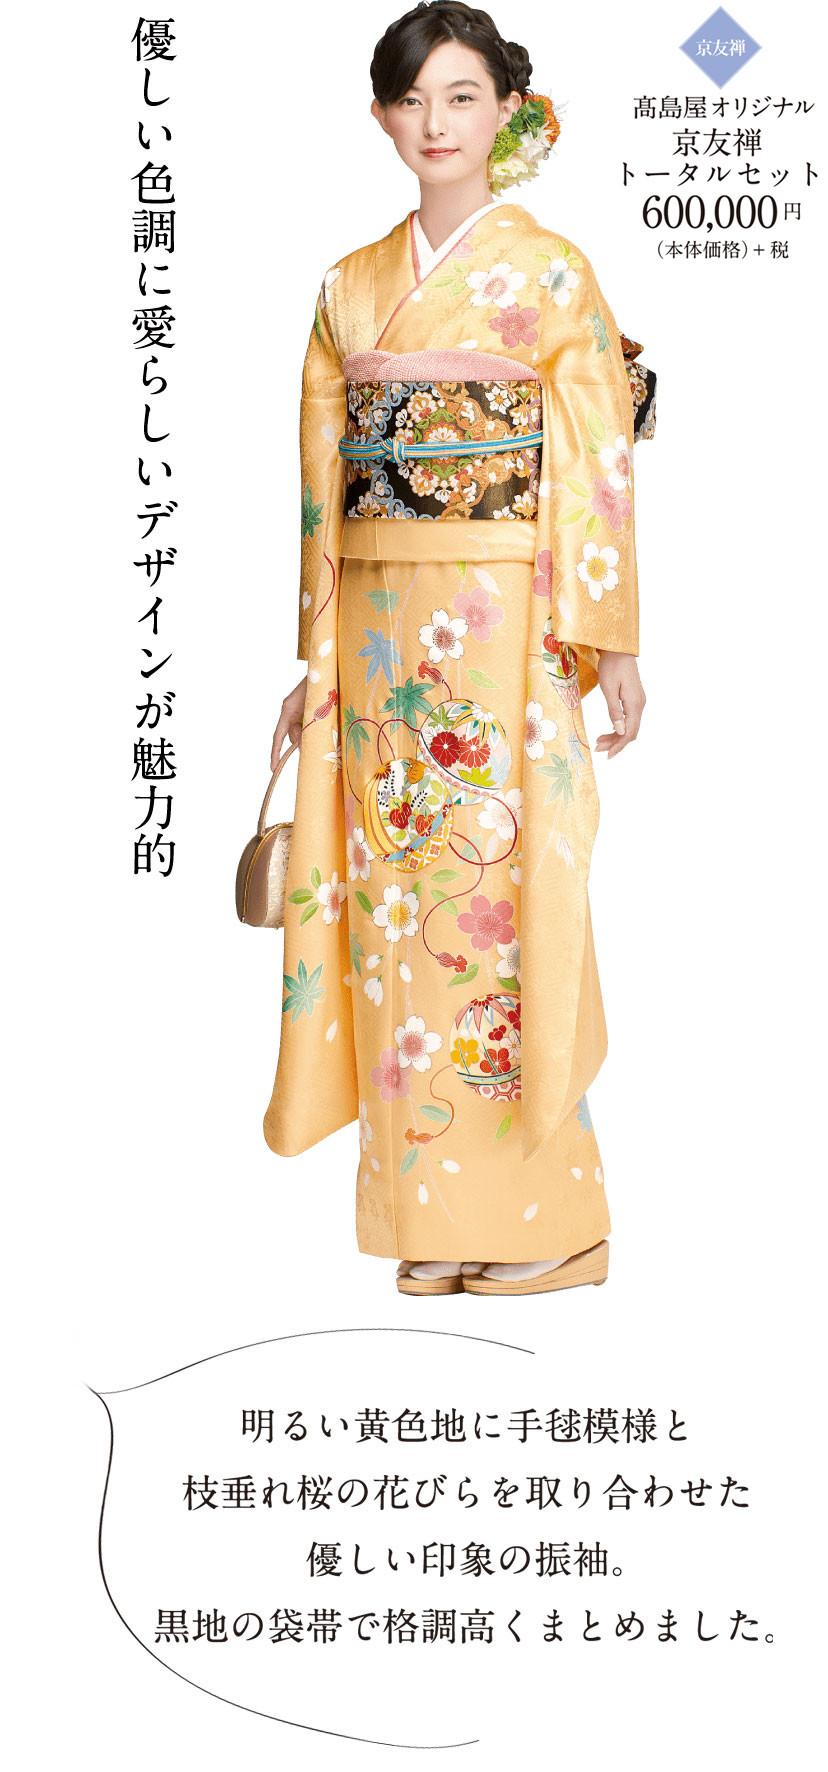 tokusen_item_02